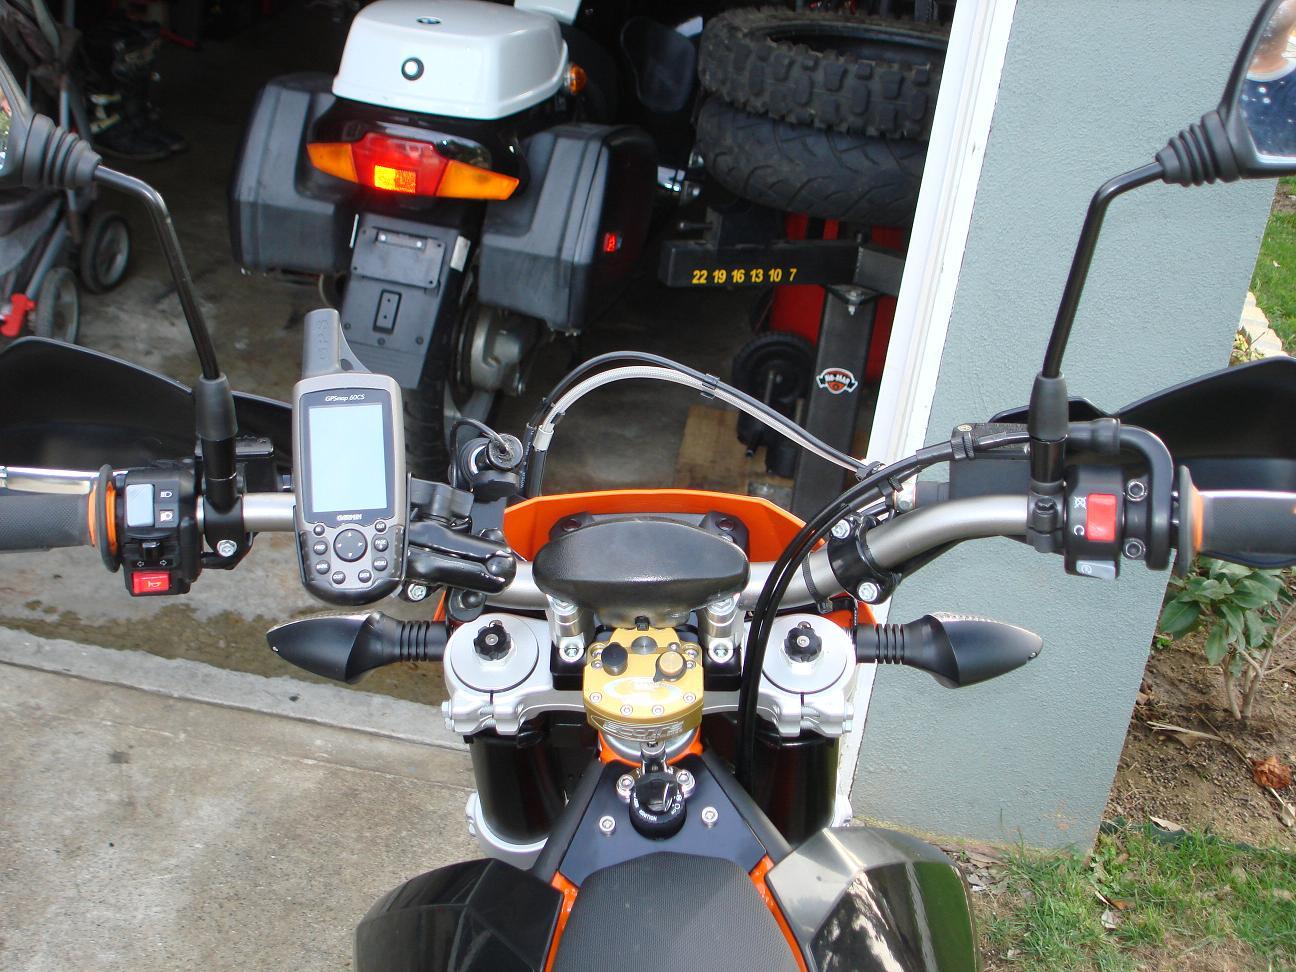 Motorcycle Ram Gps 60 Gallery Article